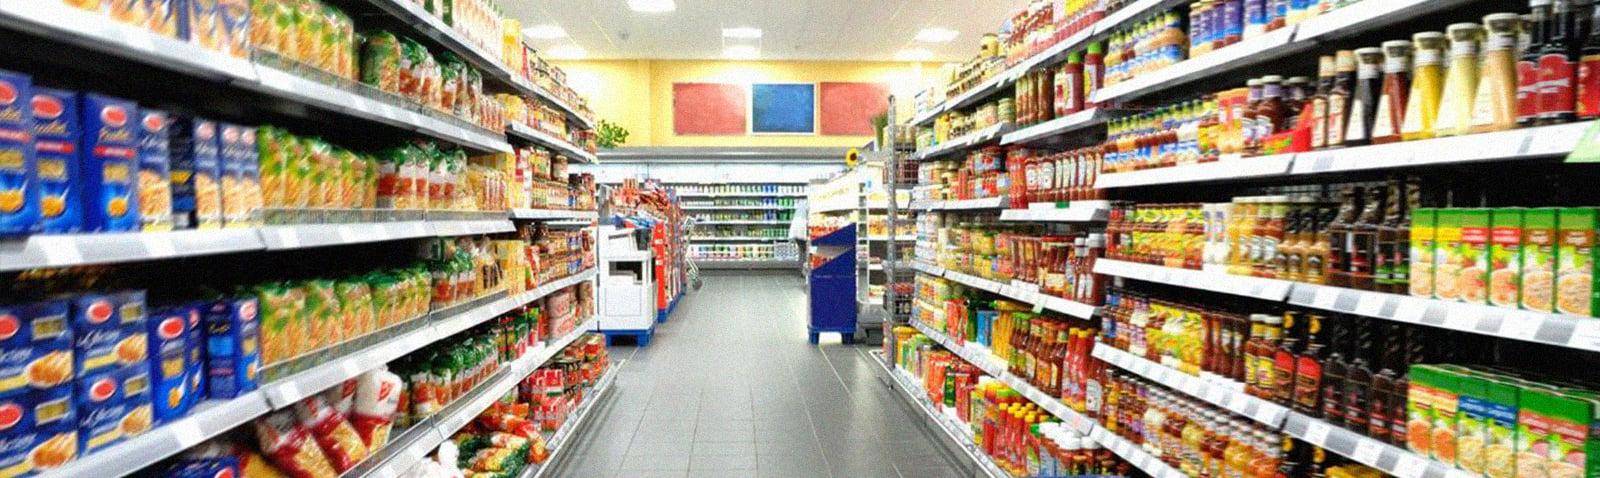 gondolas supermercados